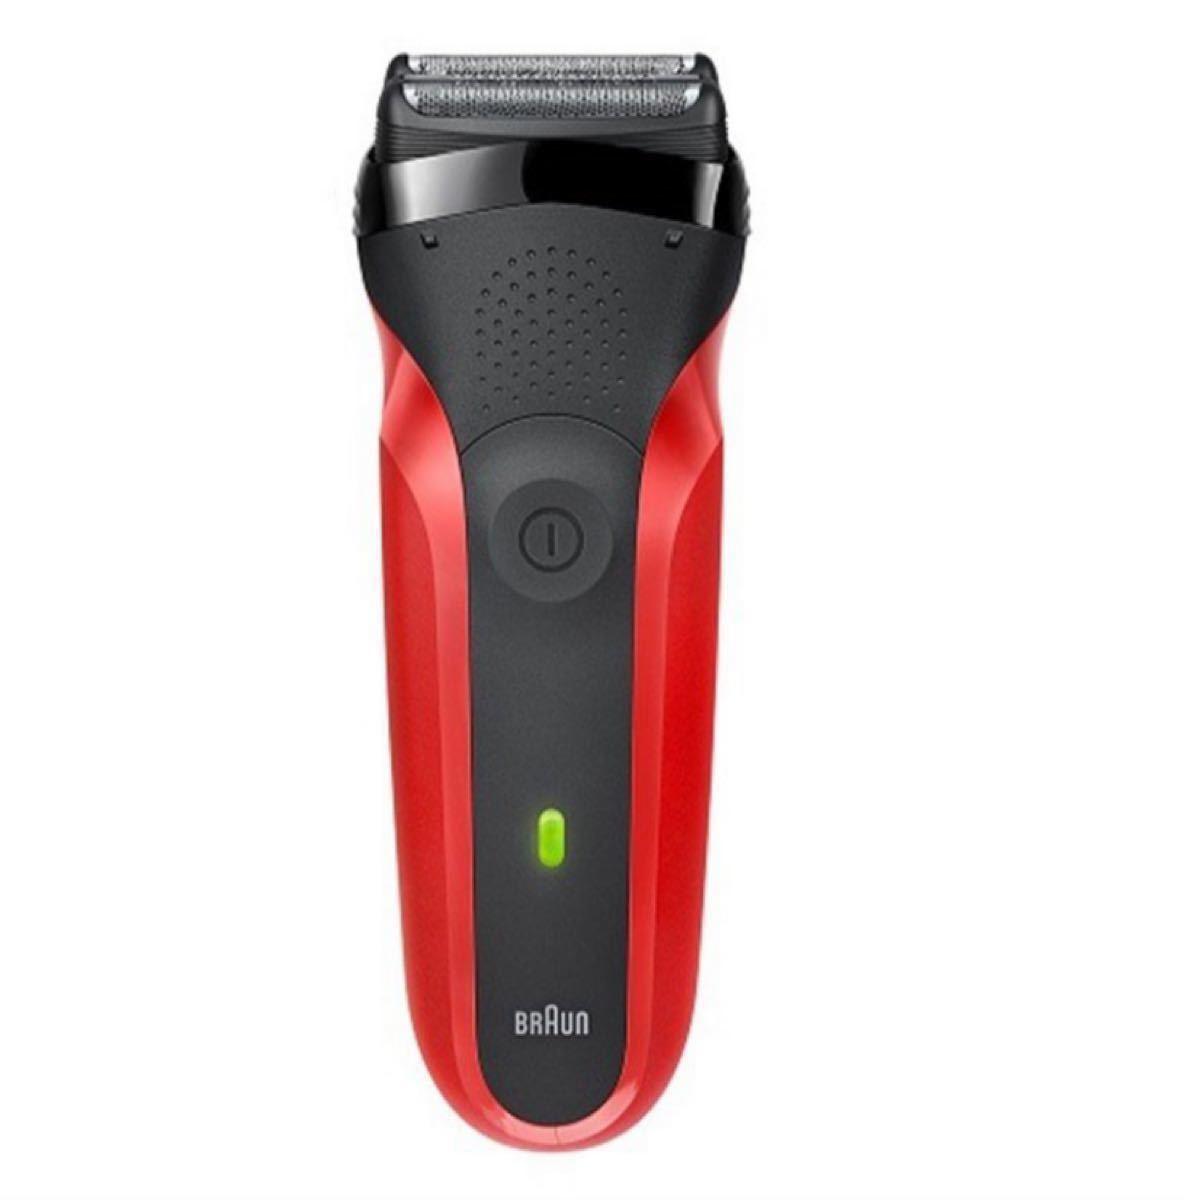 新品未開封 シェーバー ブラウン メンズ 電気シェーバー 髭剃り シリーズ3 3枚刃 300S-R レッド